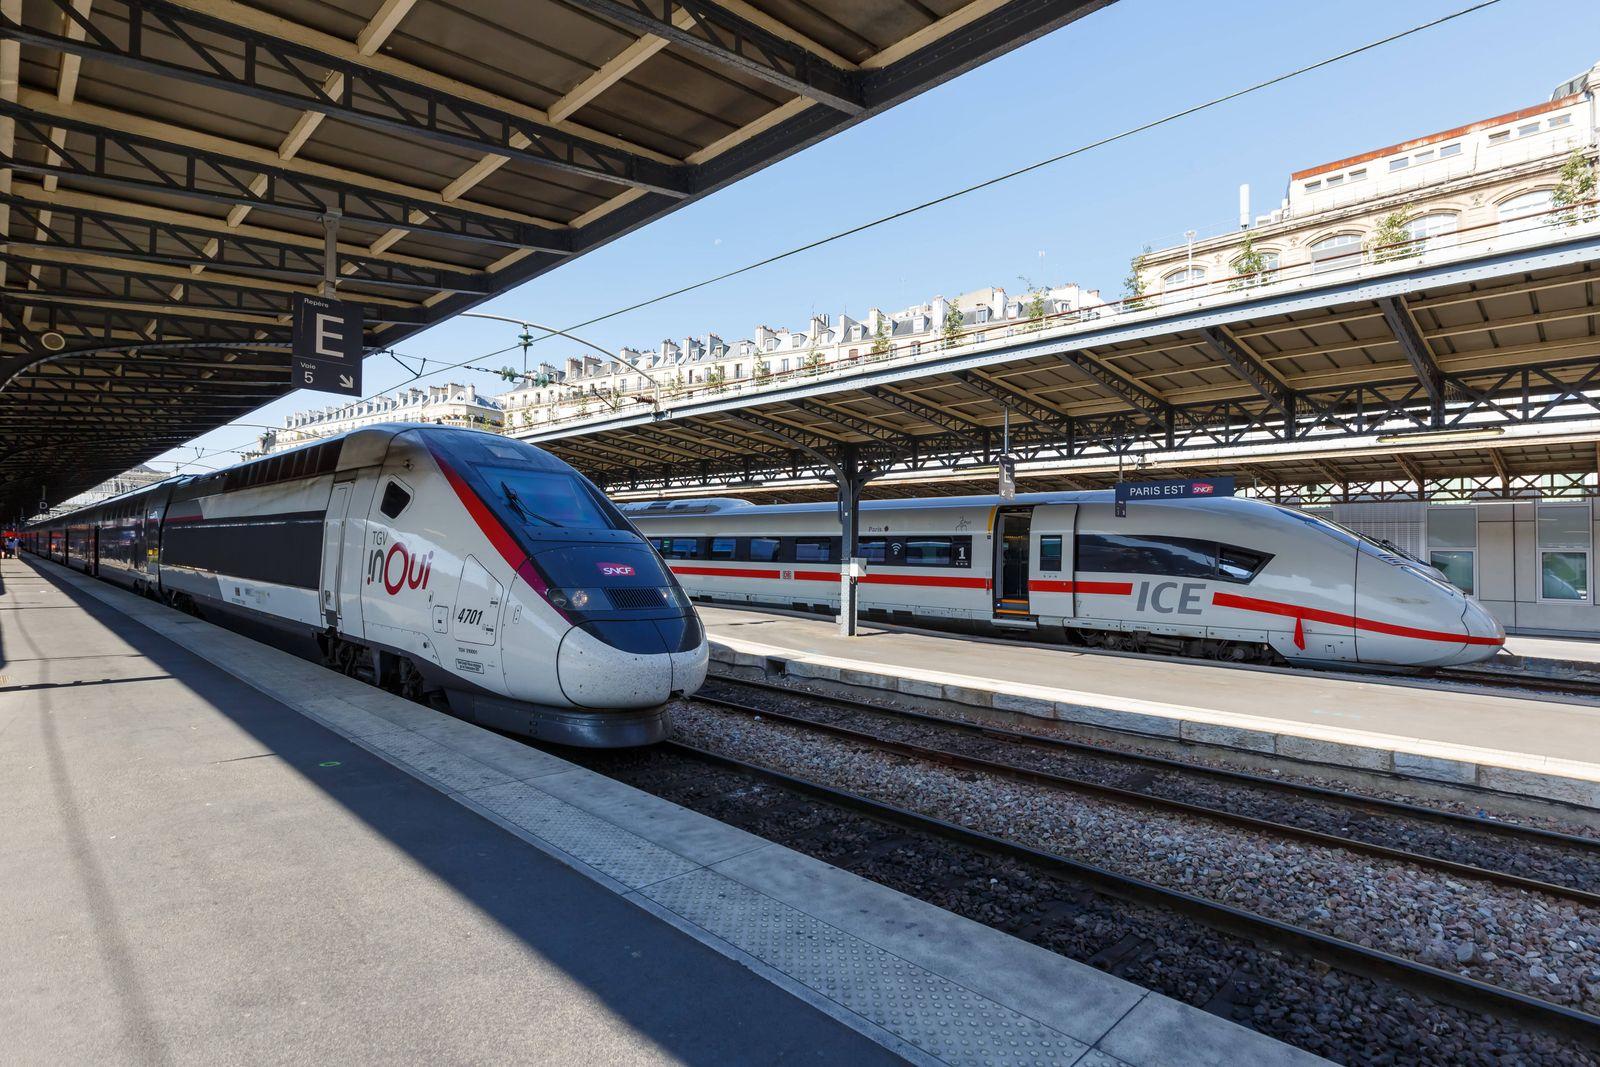 Französischer TGV und deutscher ICE Hochgeschwindigkeitszug Zug HGV Bahnhof Paris Est Station in Frankreich Paris, Frank